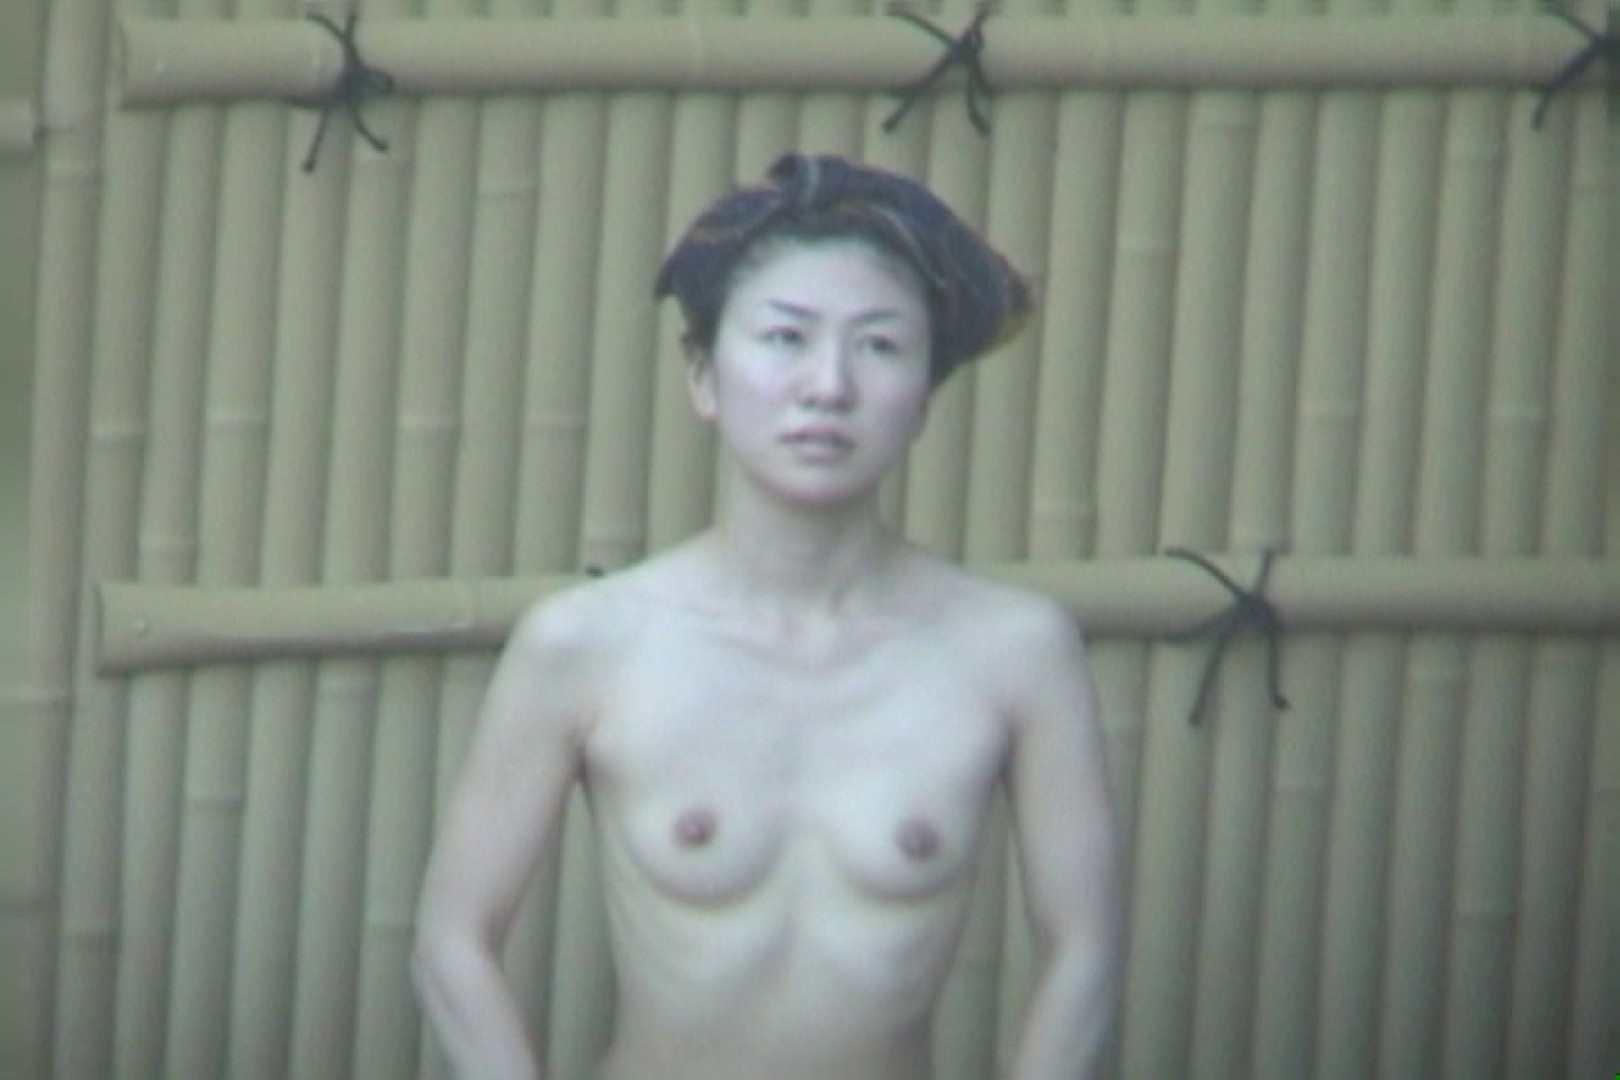 Aquaな露天風呂Vol.607 女体盗撮 | 露天  56連発 40